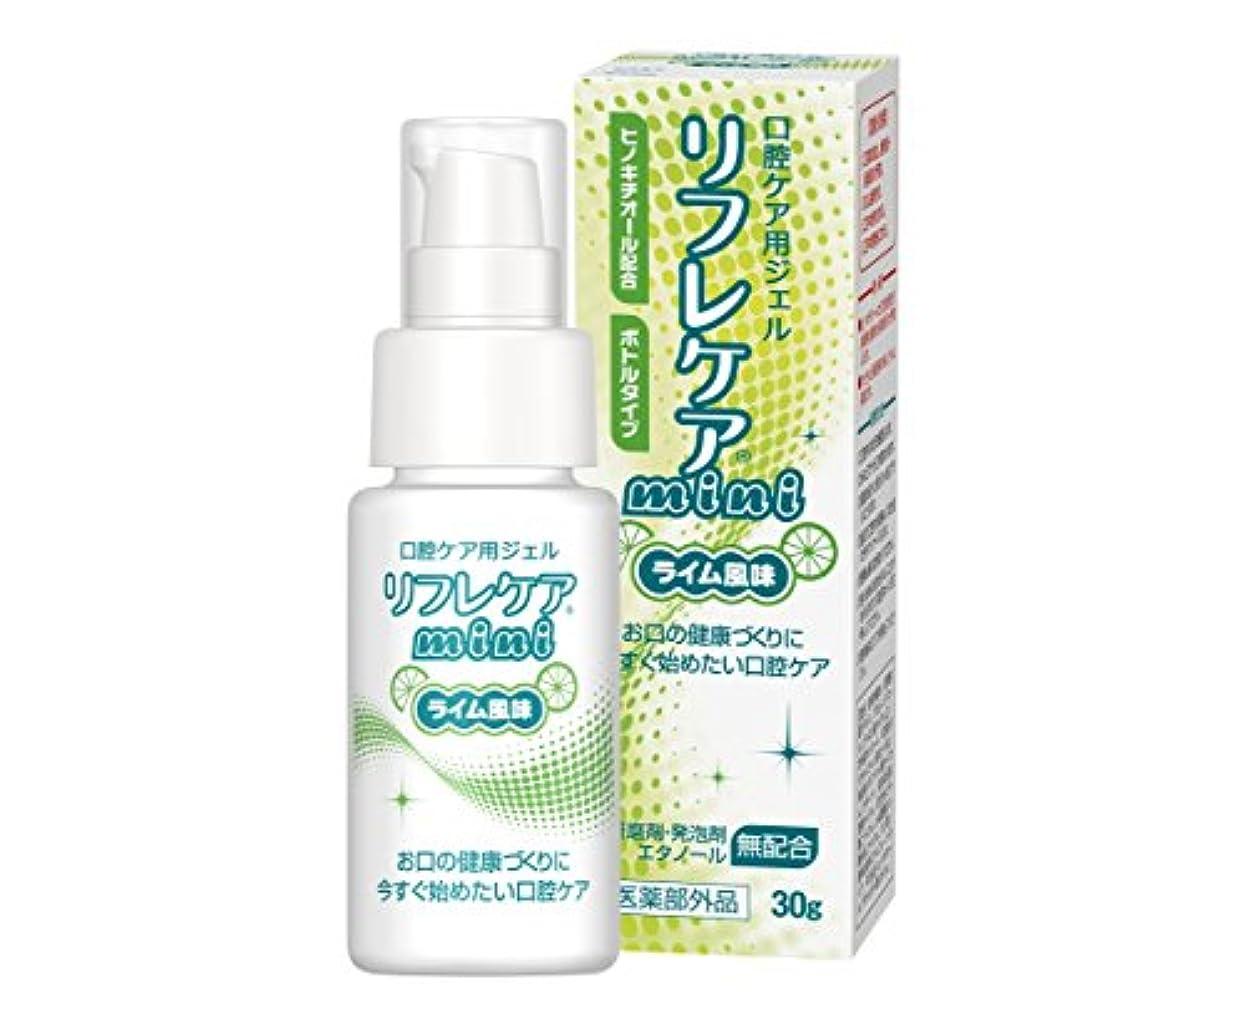 小売突撃失礼なリフレケアmini(ライム風味) 30g [医薬部外品]